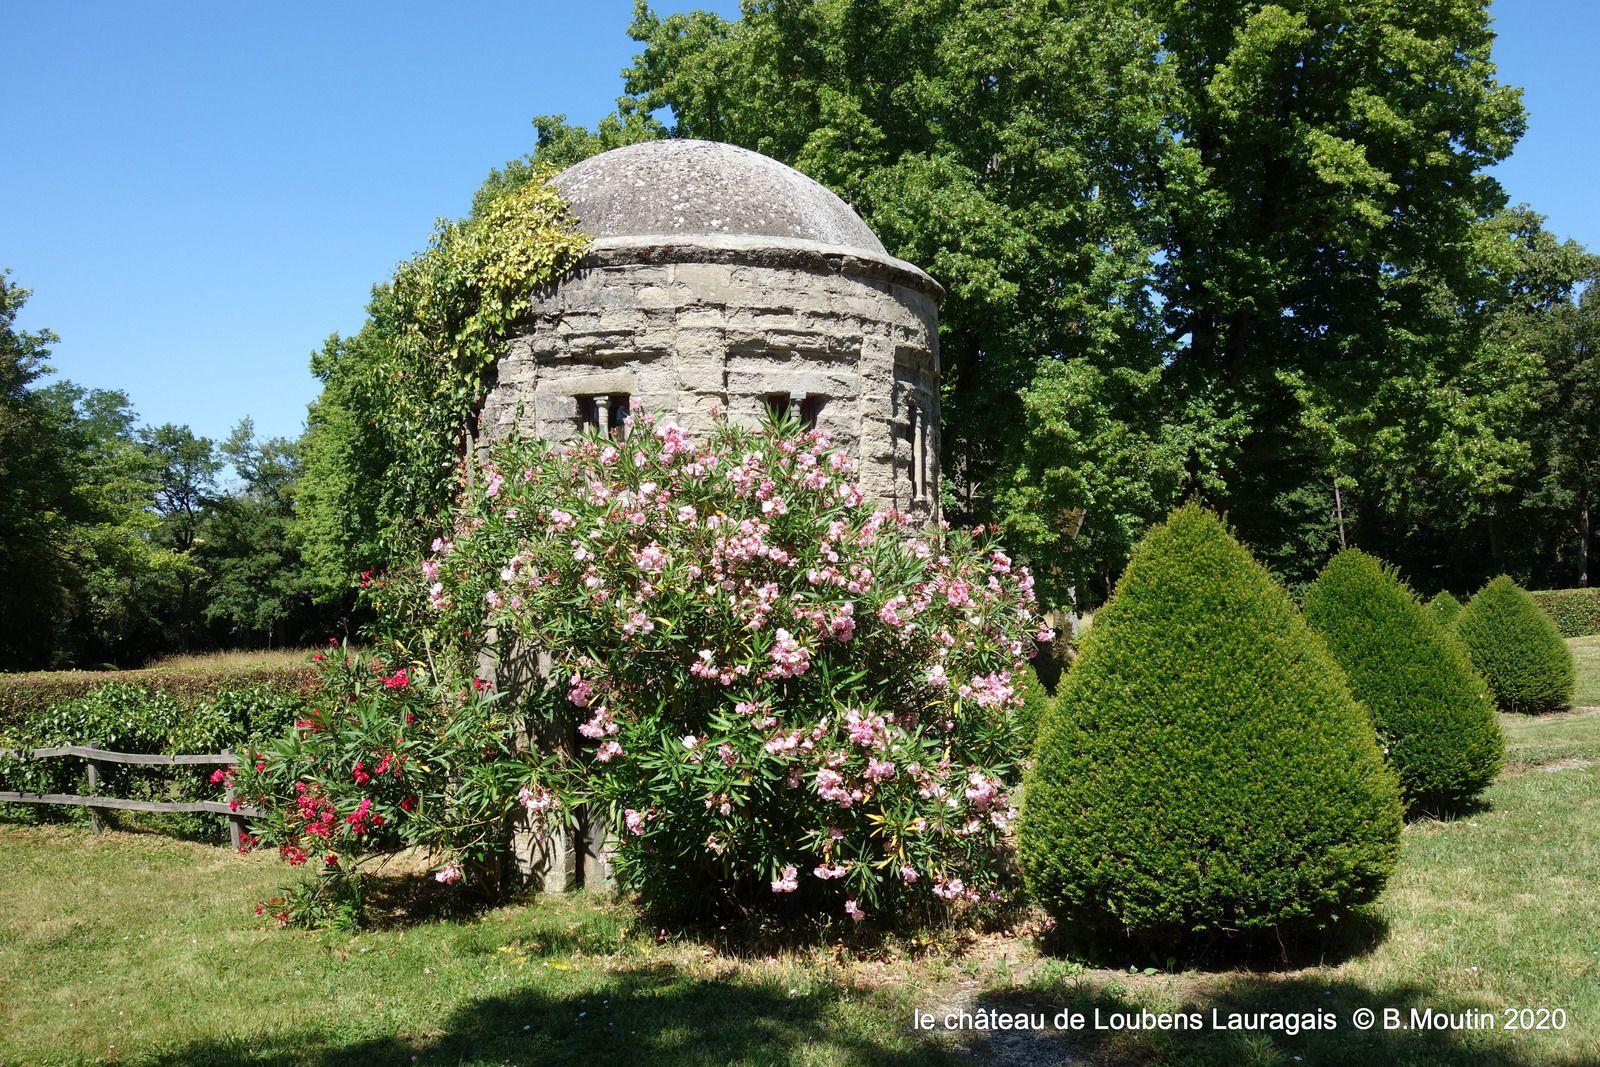 le château de Loubens - Lauragais (10 photos)